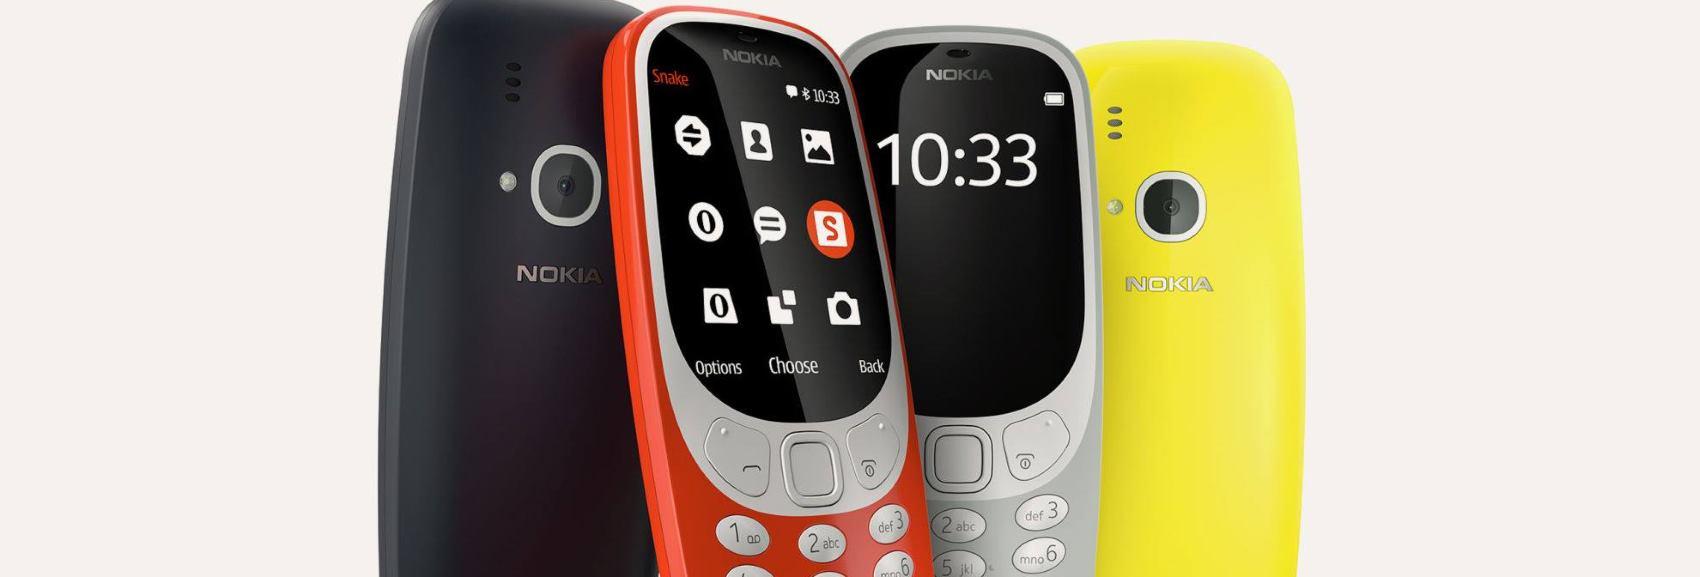 NOKIA 3310 Novi model stigao u otvorenu prodaju